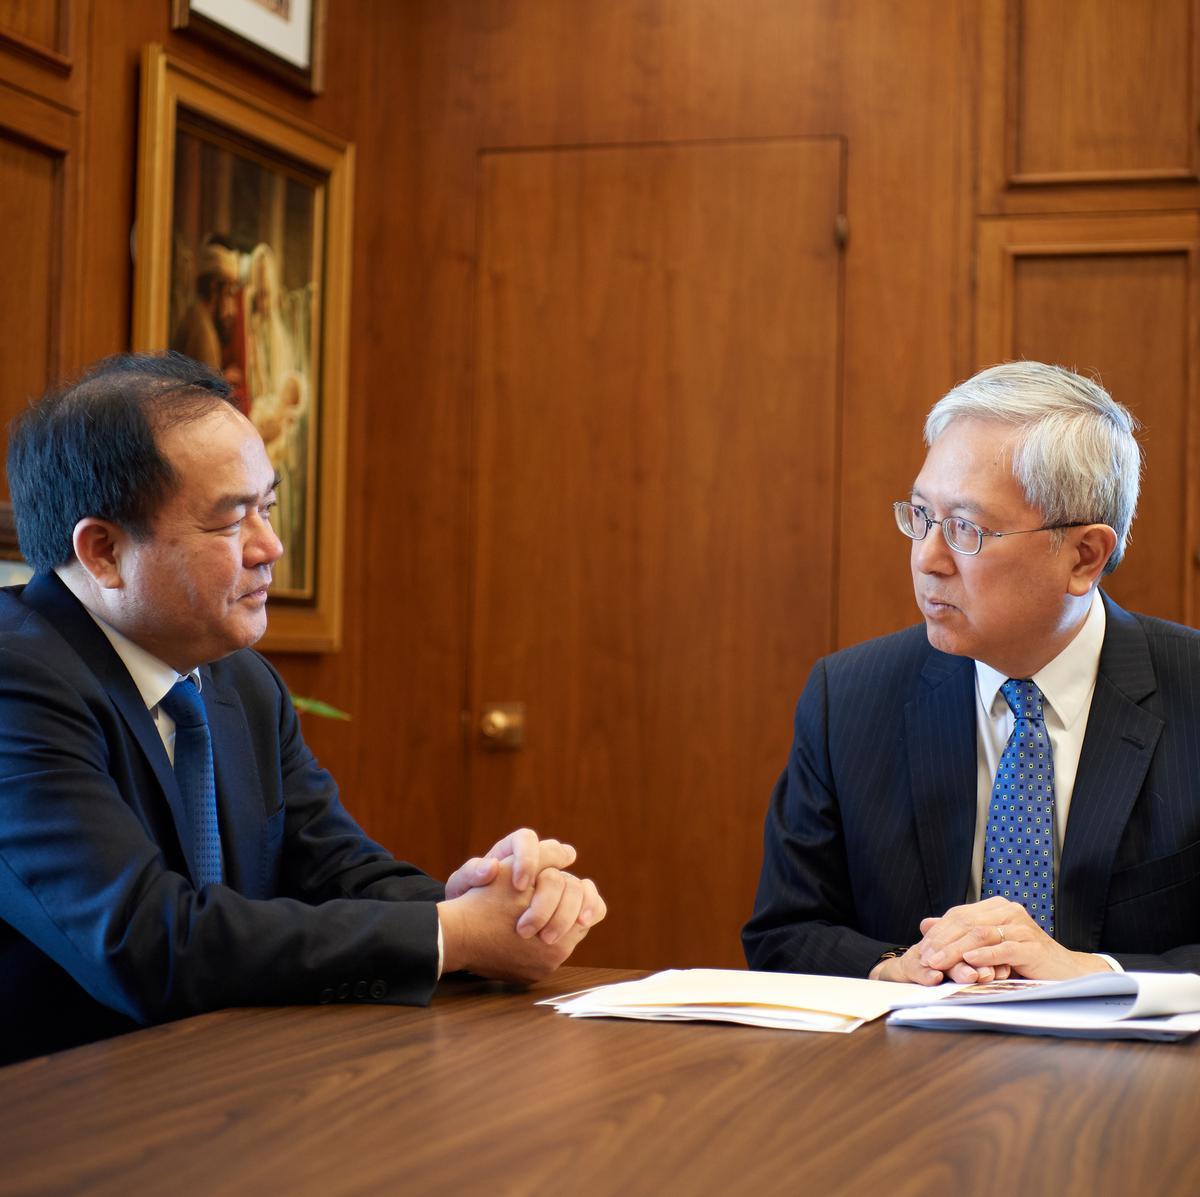 Mr. Vu Chien Thang, ketua Komite Urusan Keagamaan Vietnam, berbicara dengan Penatua Gerrit W. Gong dari Kuorum Dua Belas Rasul di Gedung Administrasi Gereja pada 4 Juni 2019.